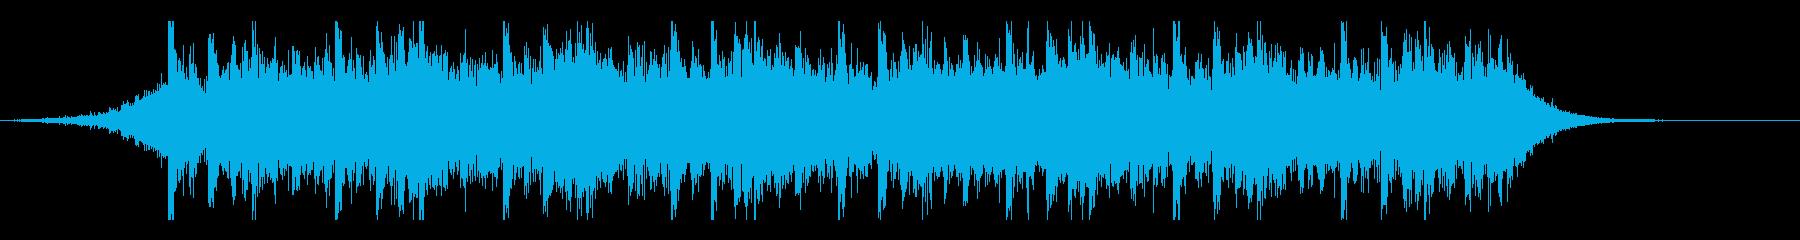 デザートプリンス(ショート)の再生済みの波形